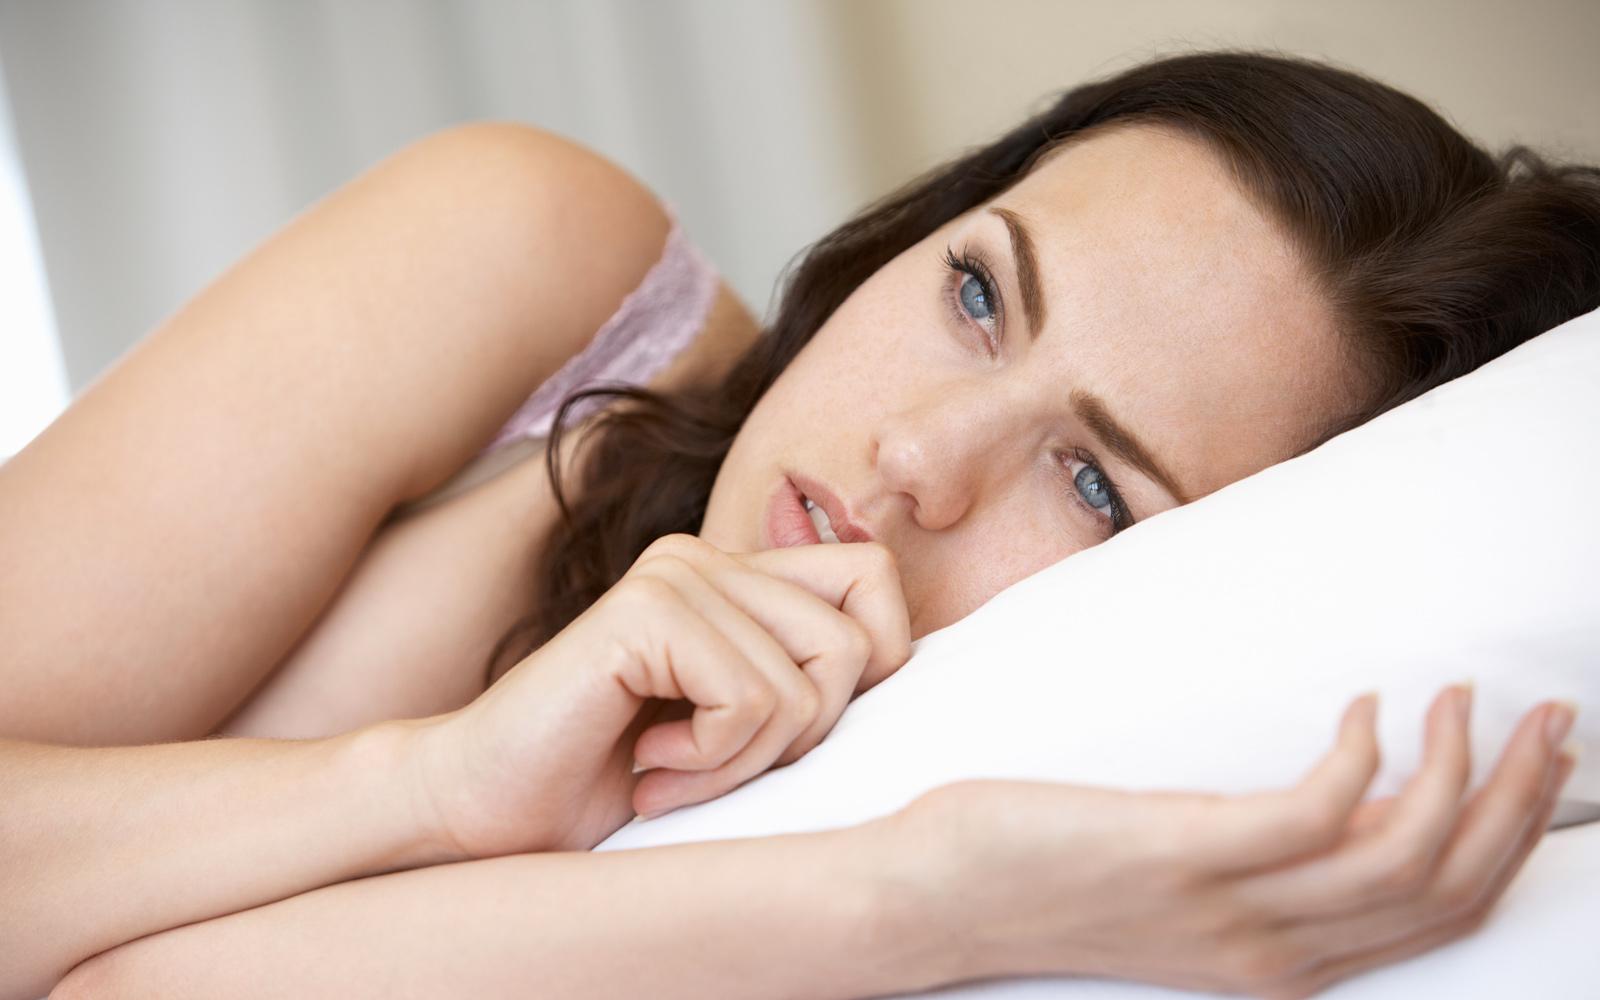 Khả năng có con sau mang thai ngoài tử cung tùy thuộc vào nhiều yếu tố